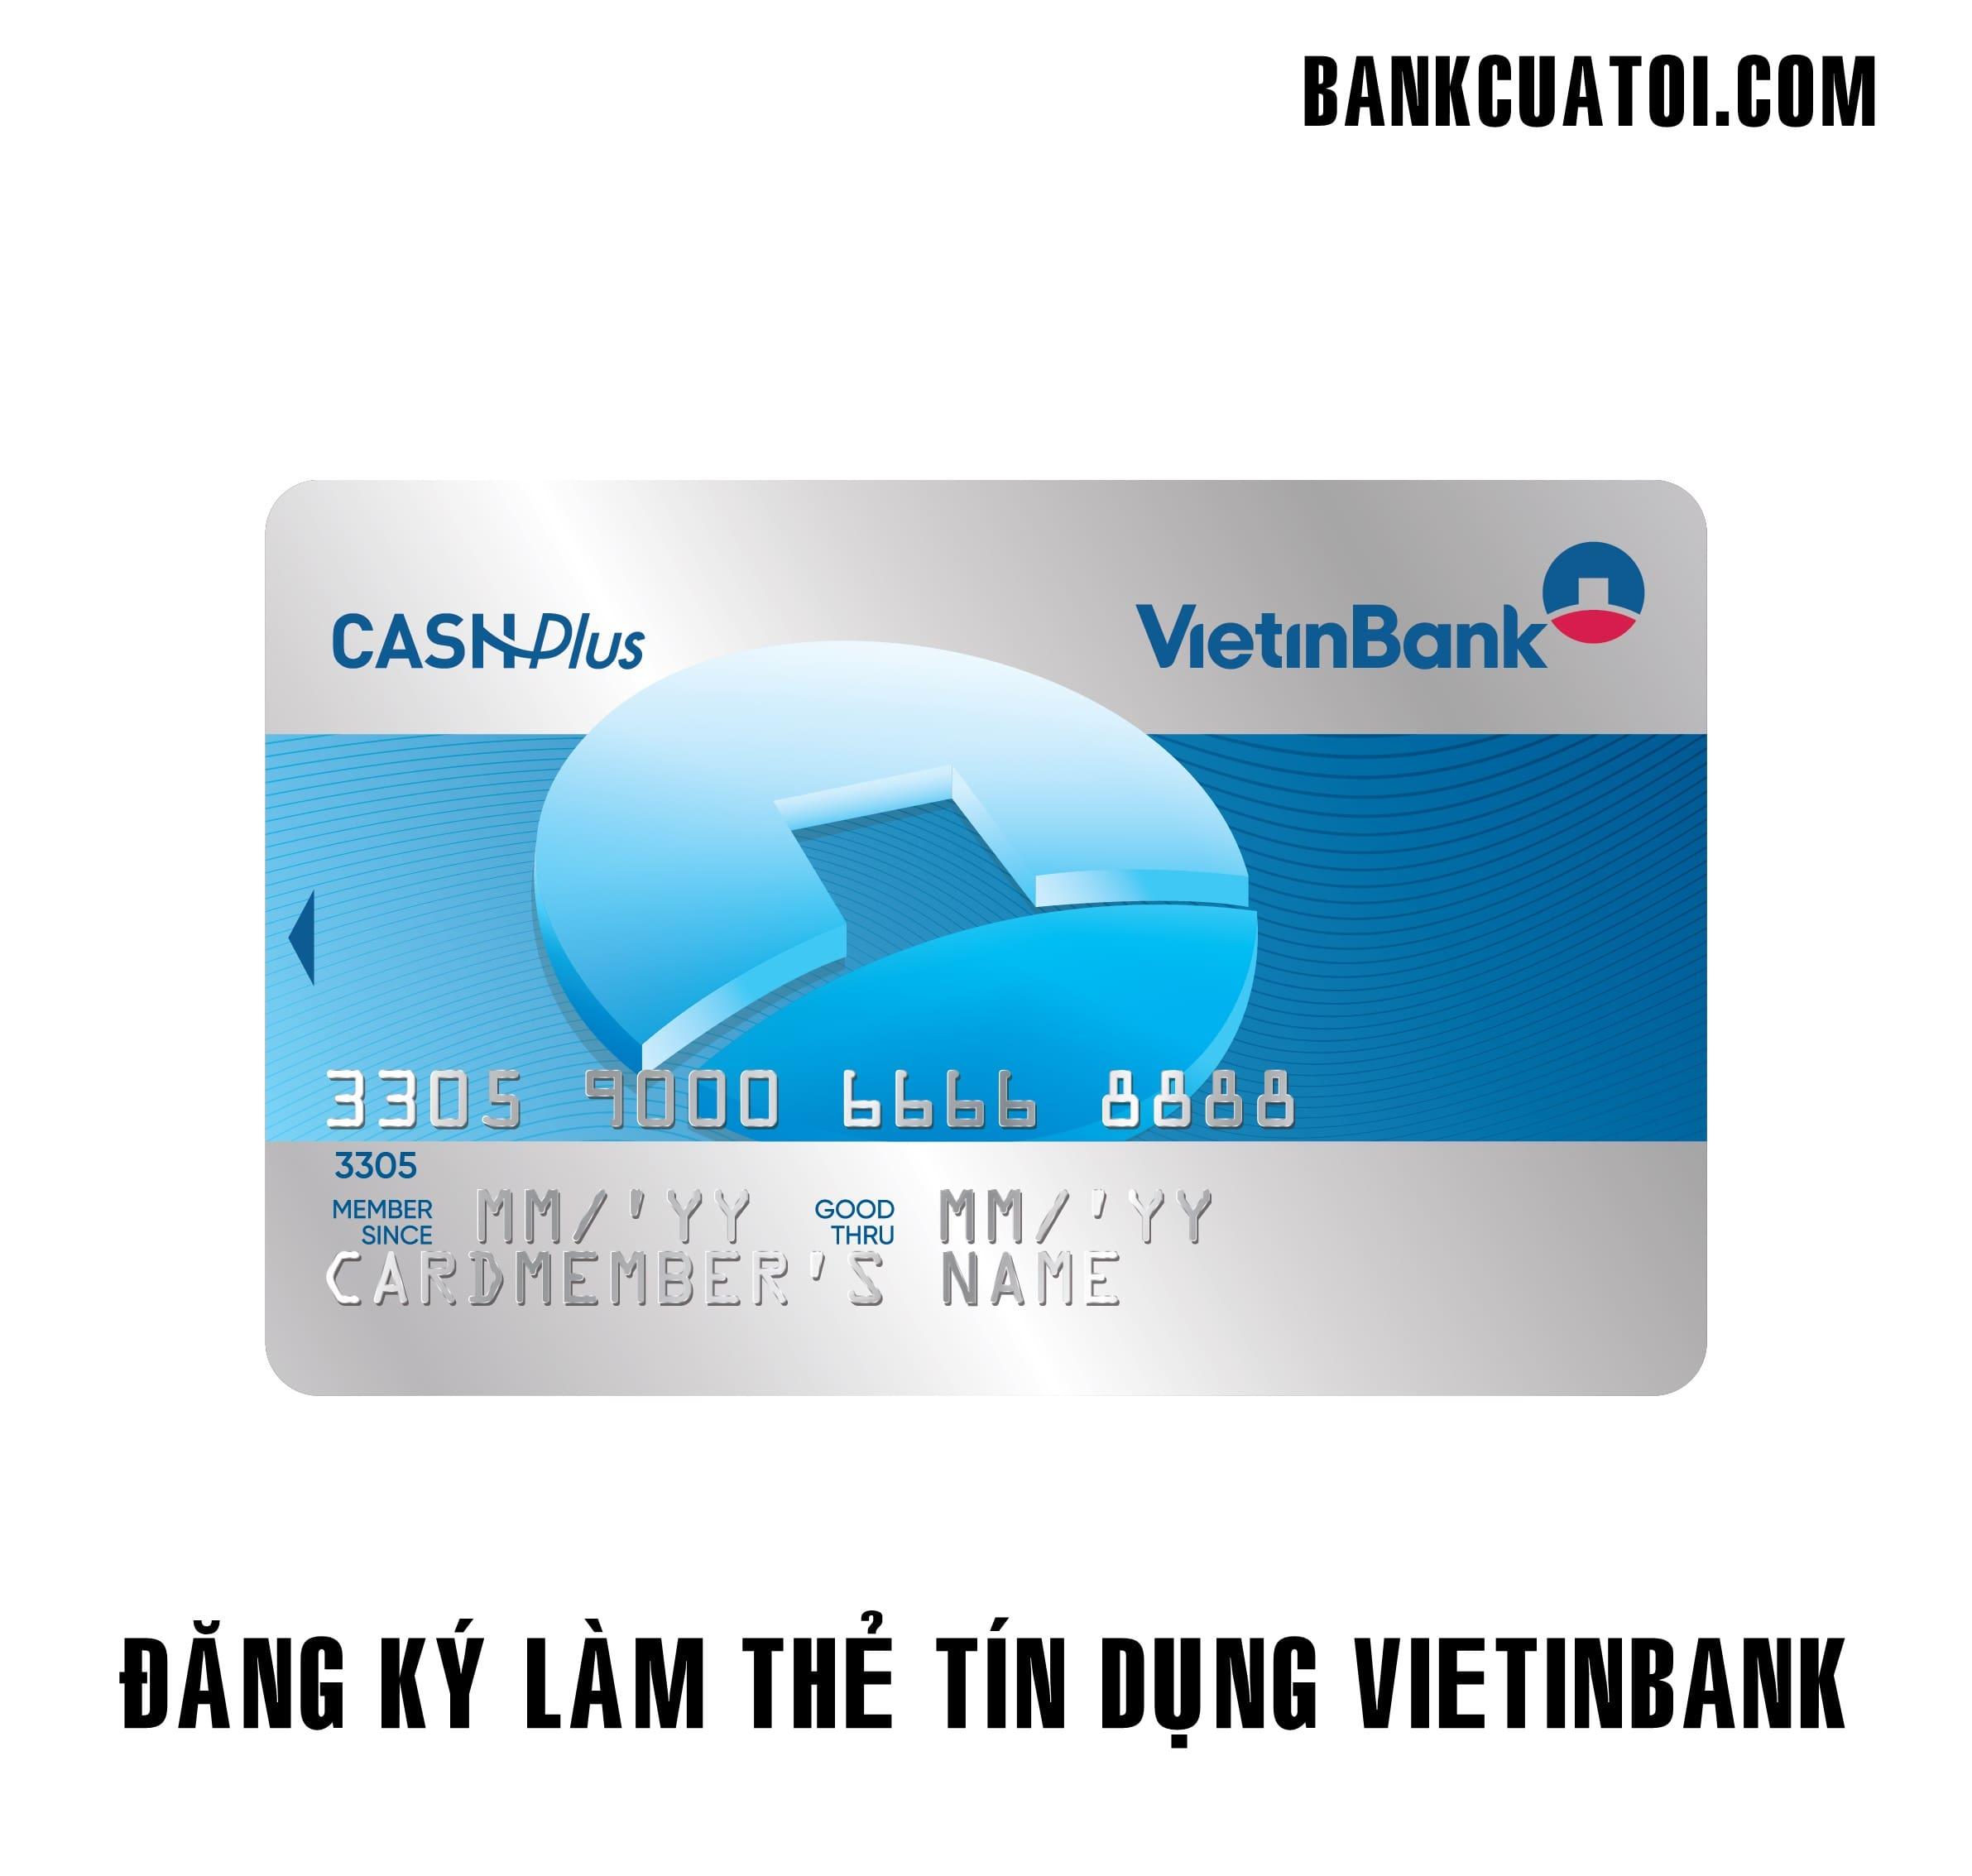 Lam the tin dung vietinbank